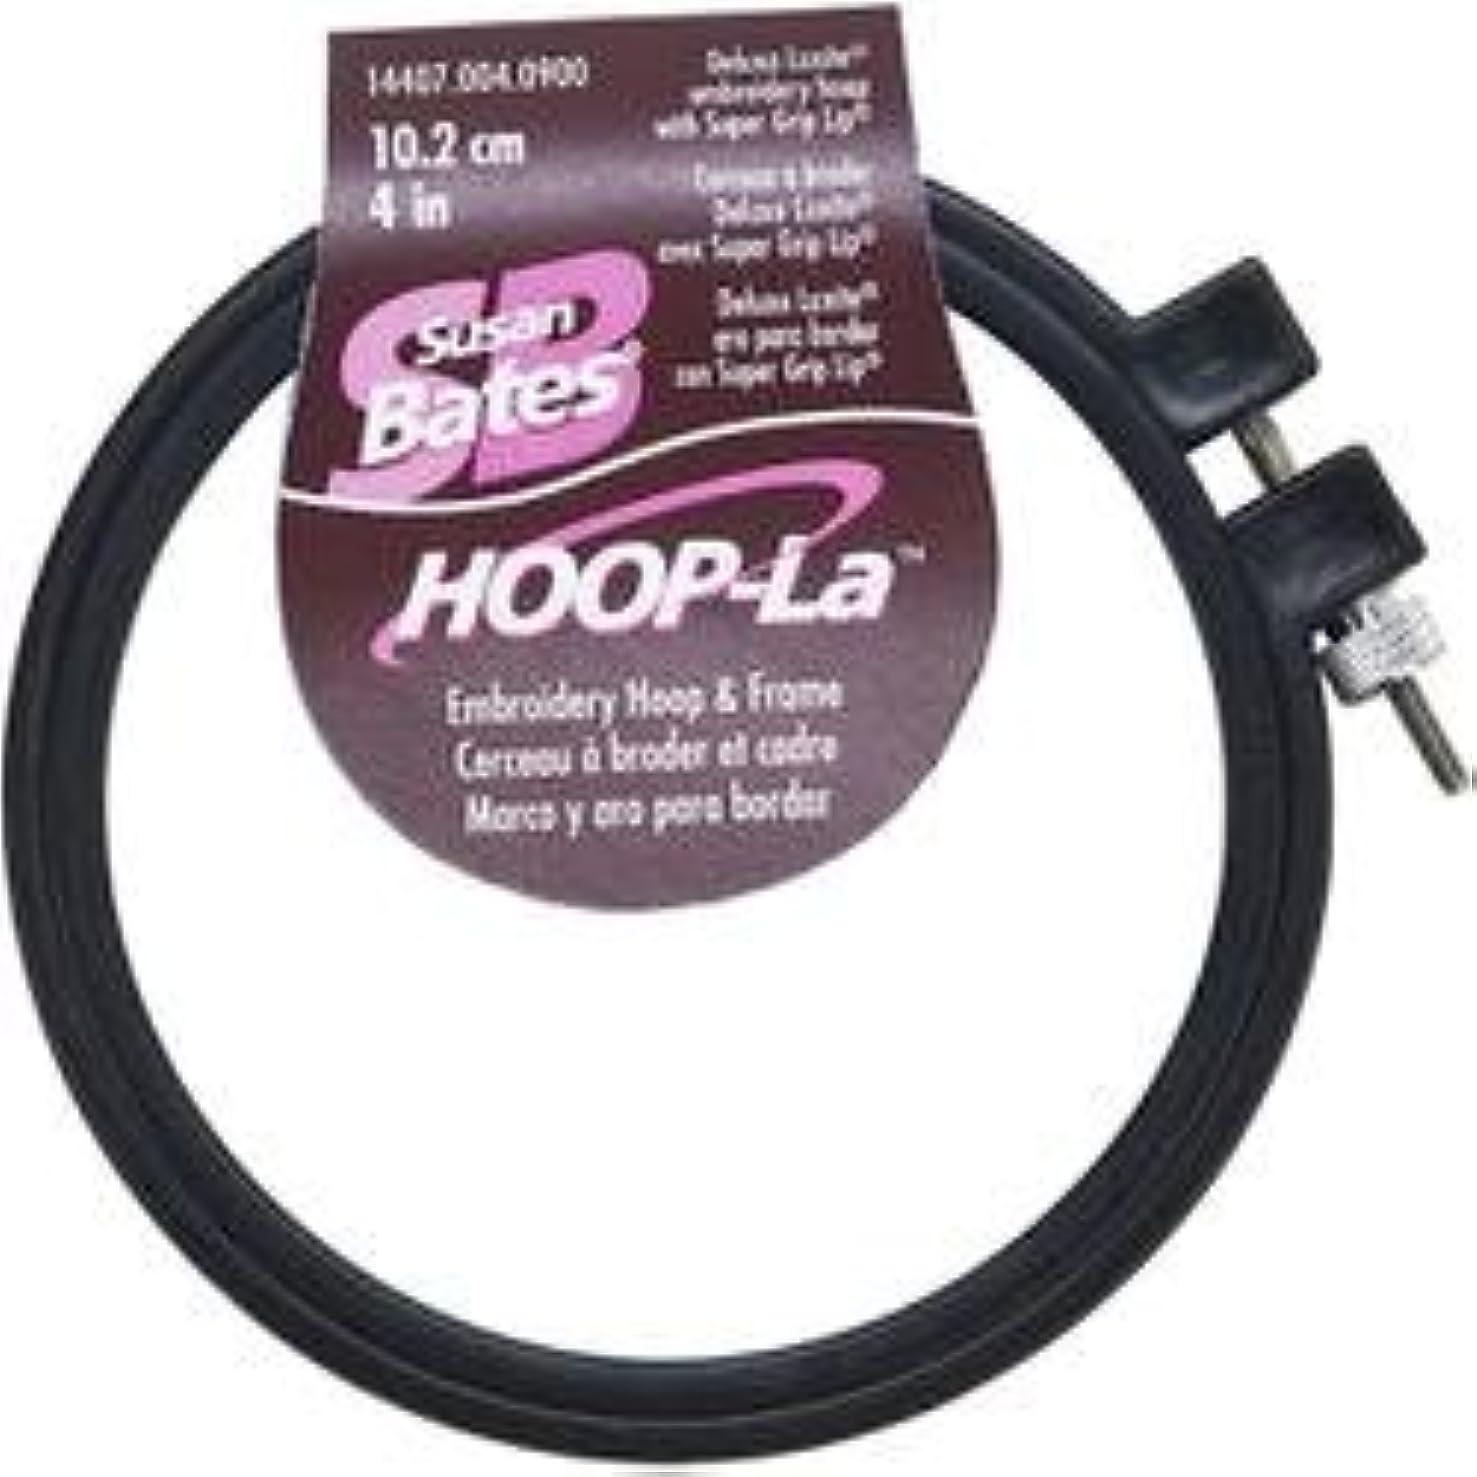 Bulk Buy: Susan Bates (3-Pack) Hoop La Plastic Embroidery Hoop Black Size 4in. 14407B-4